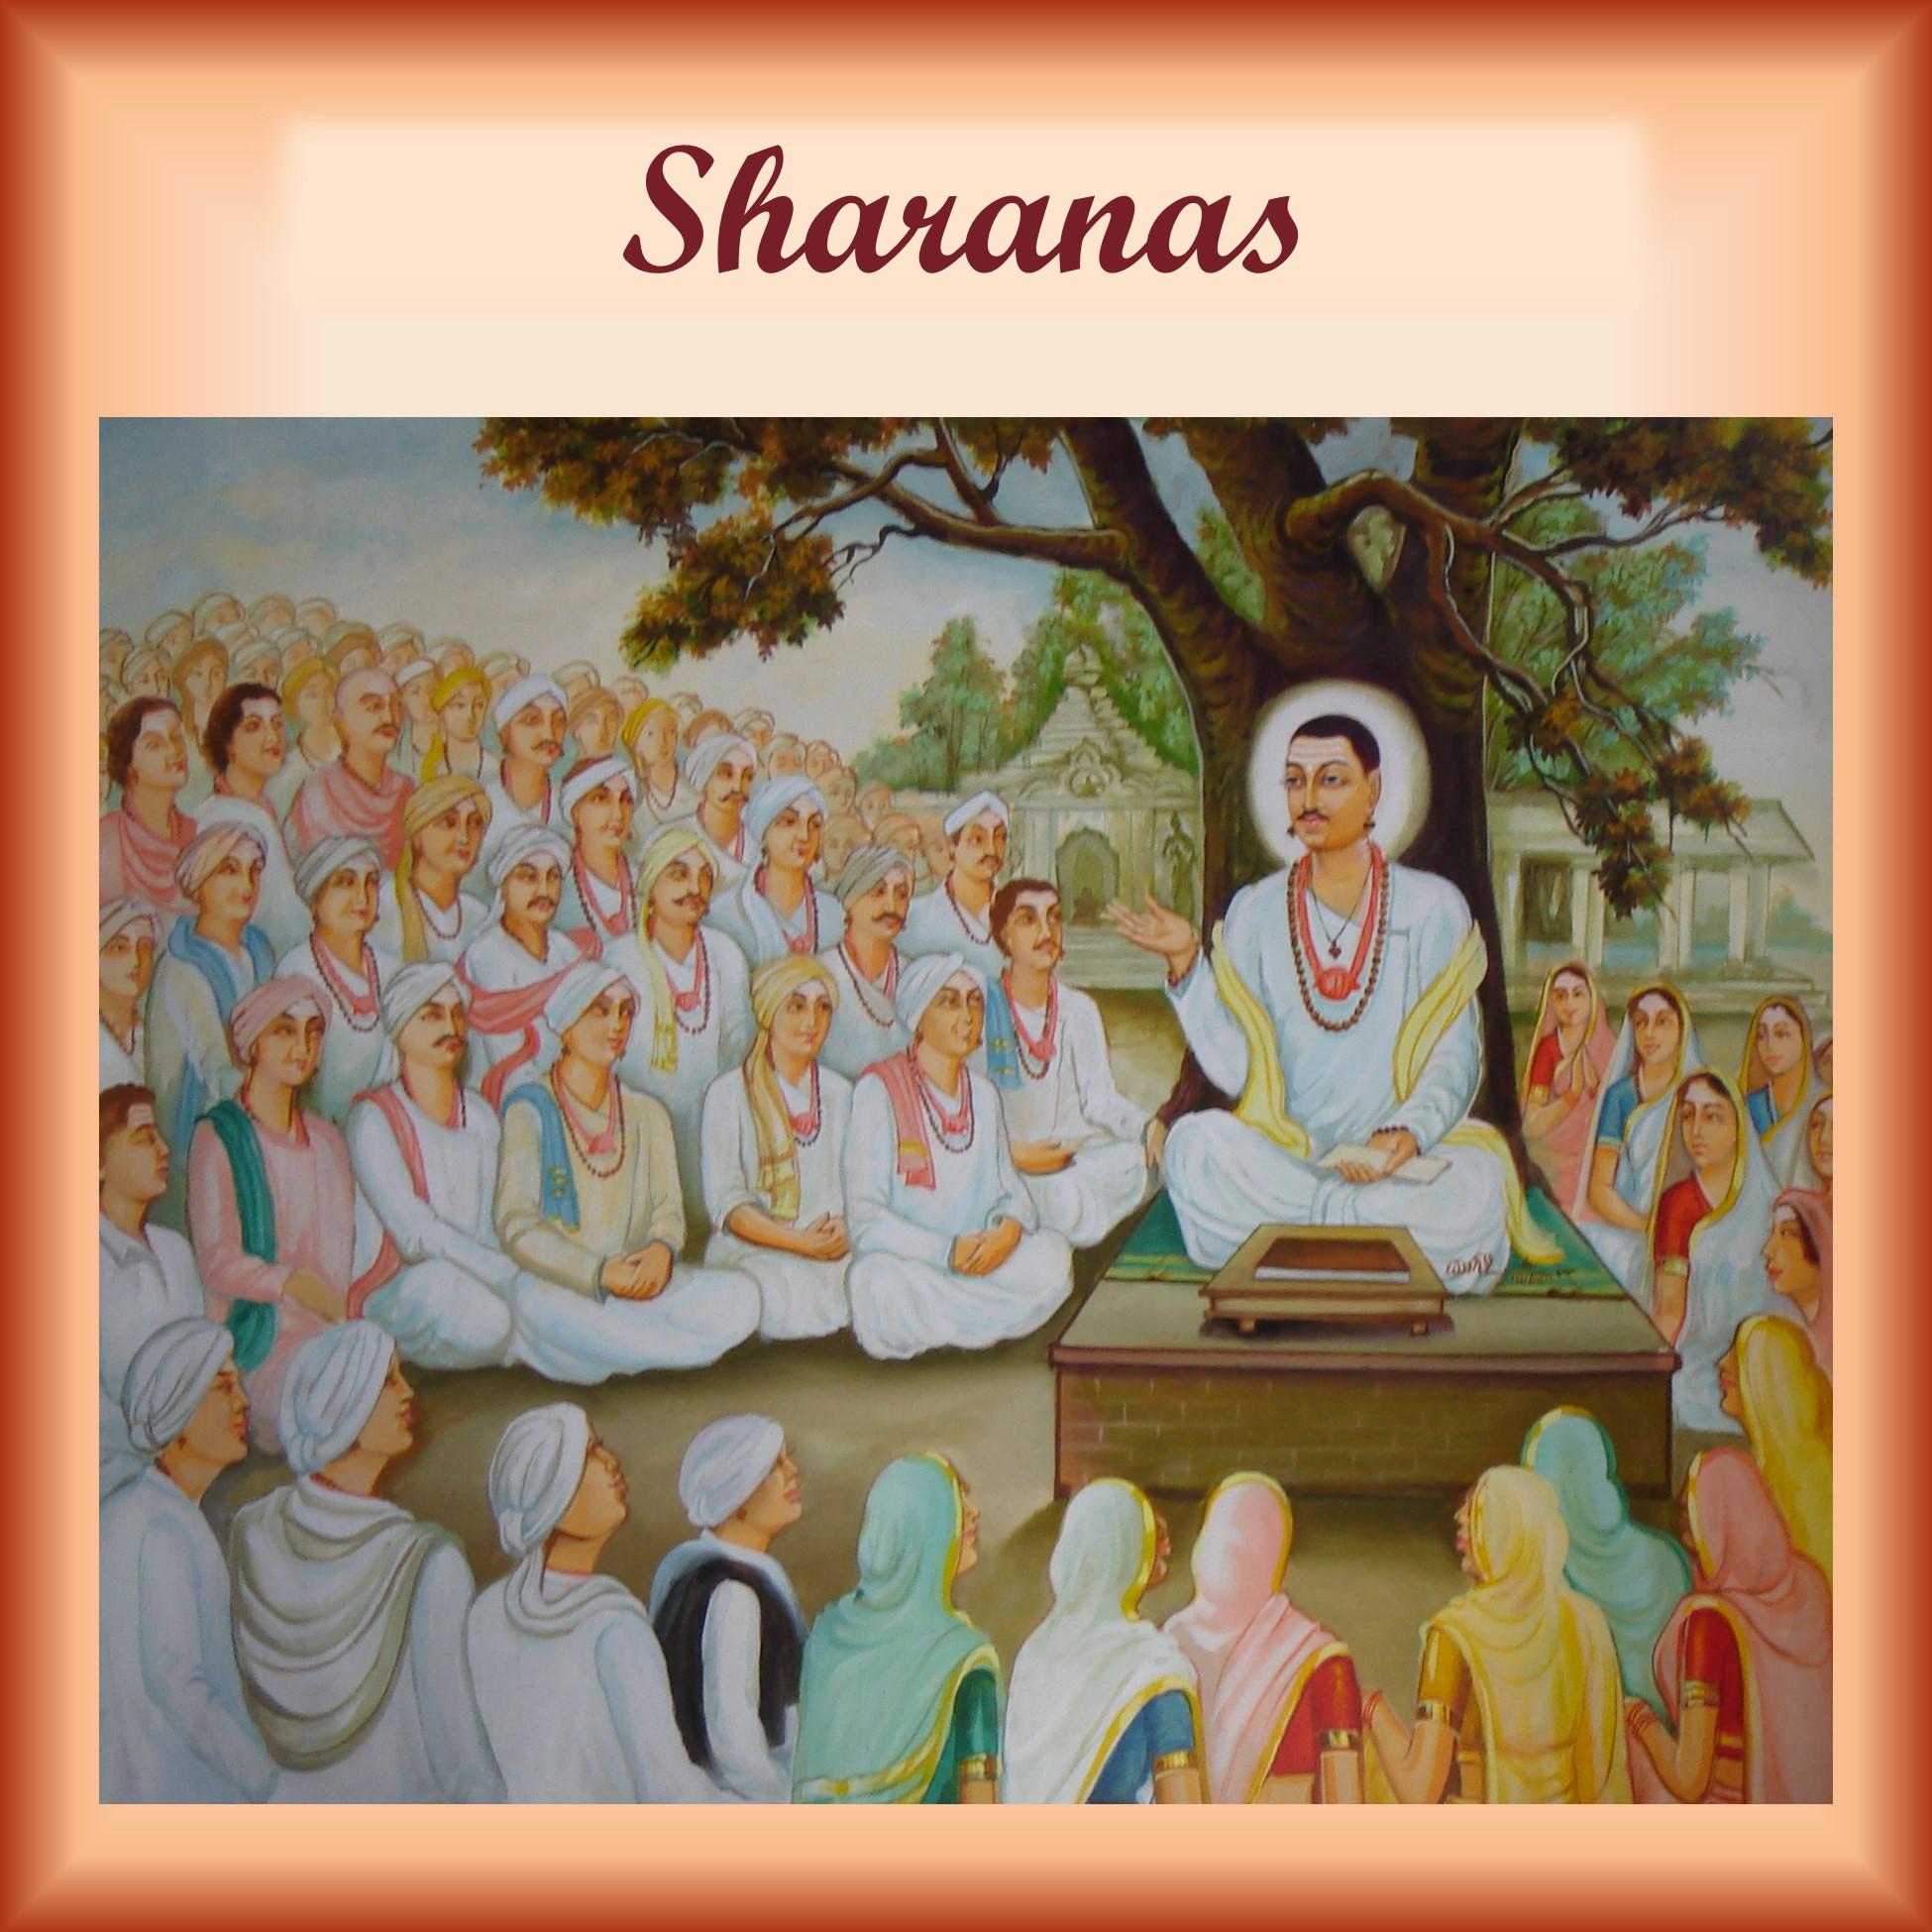 Sharanas